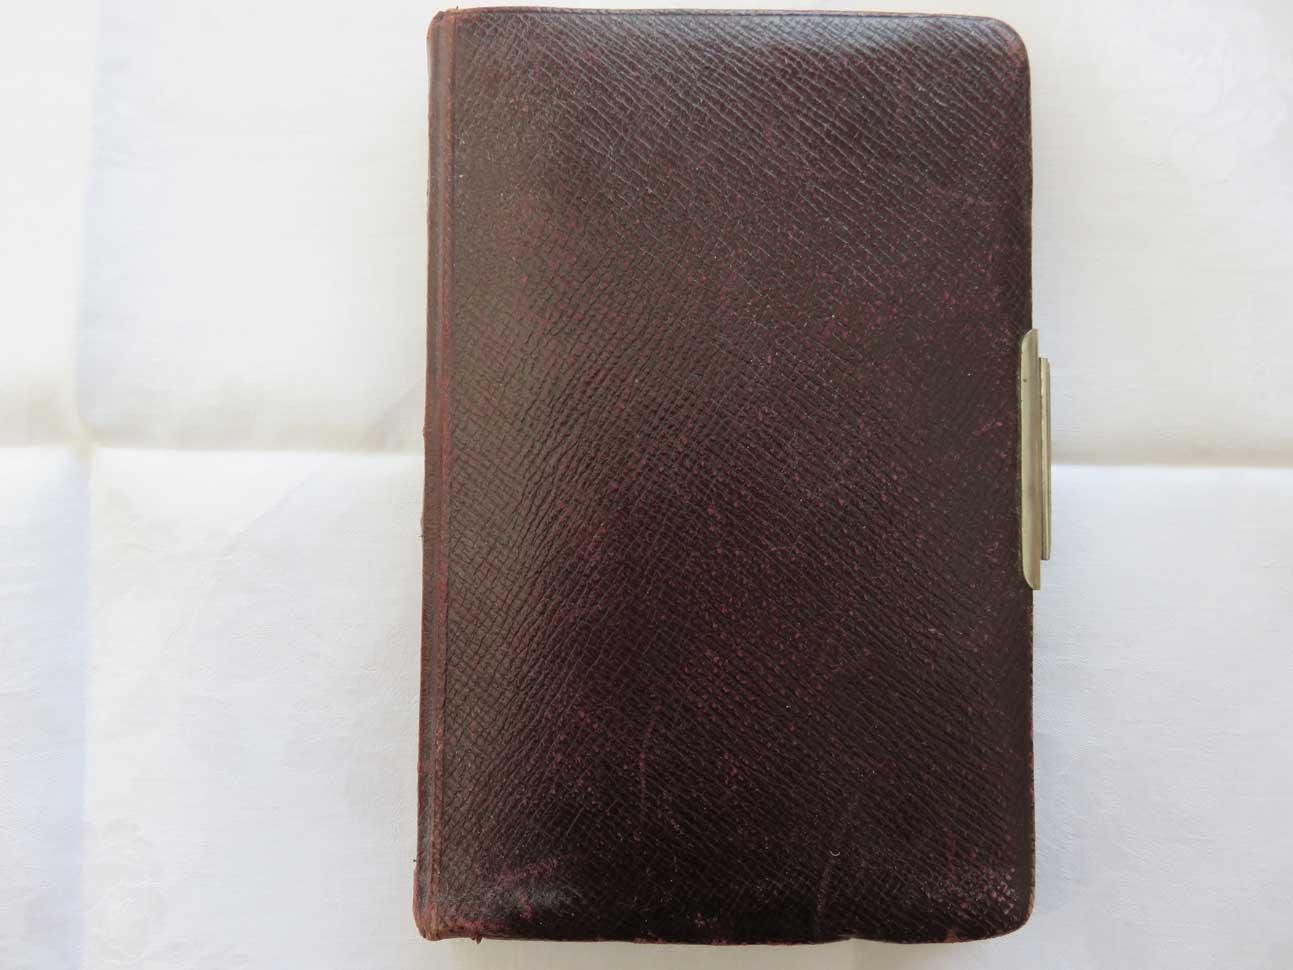 Journal intime de / Tagebuch von Hedwig Schmitz-Fürstenberg, 1912-1916 © Hedwig Schmitz-Fürstenberg